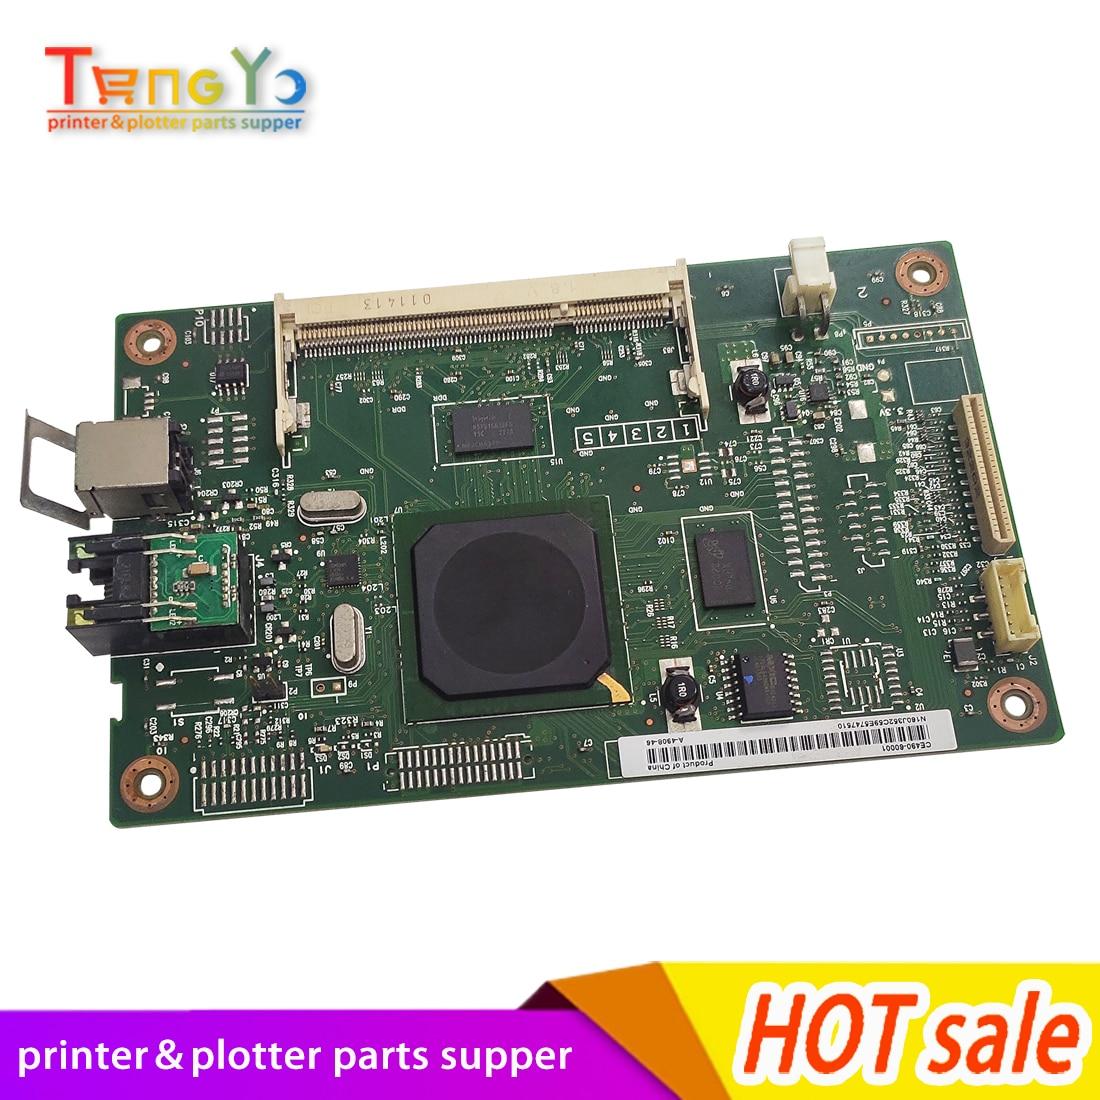 Original CE490-60001 CE490-67901 Formatter Board logic Mainboard Motherboard for HP Laserjet CP5225 5225N 5225DN Series